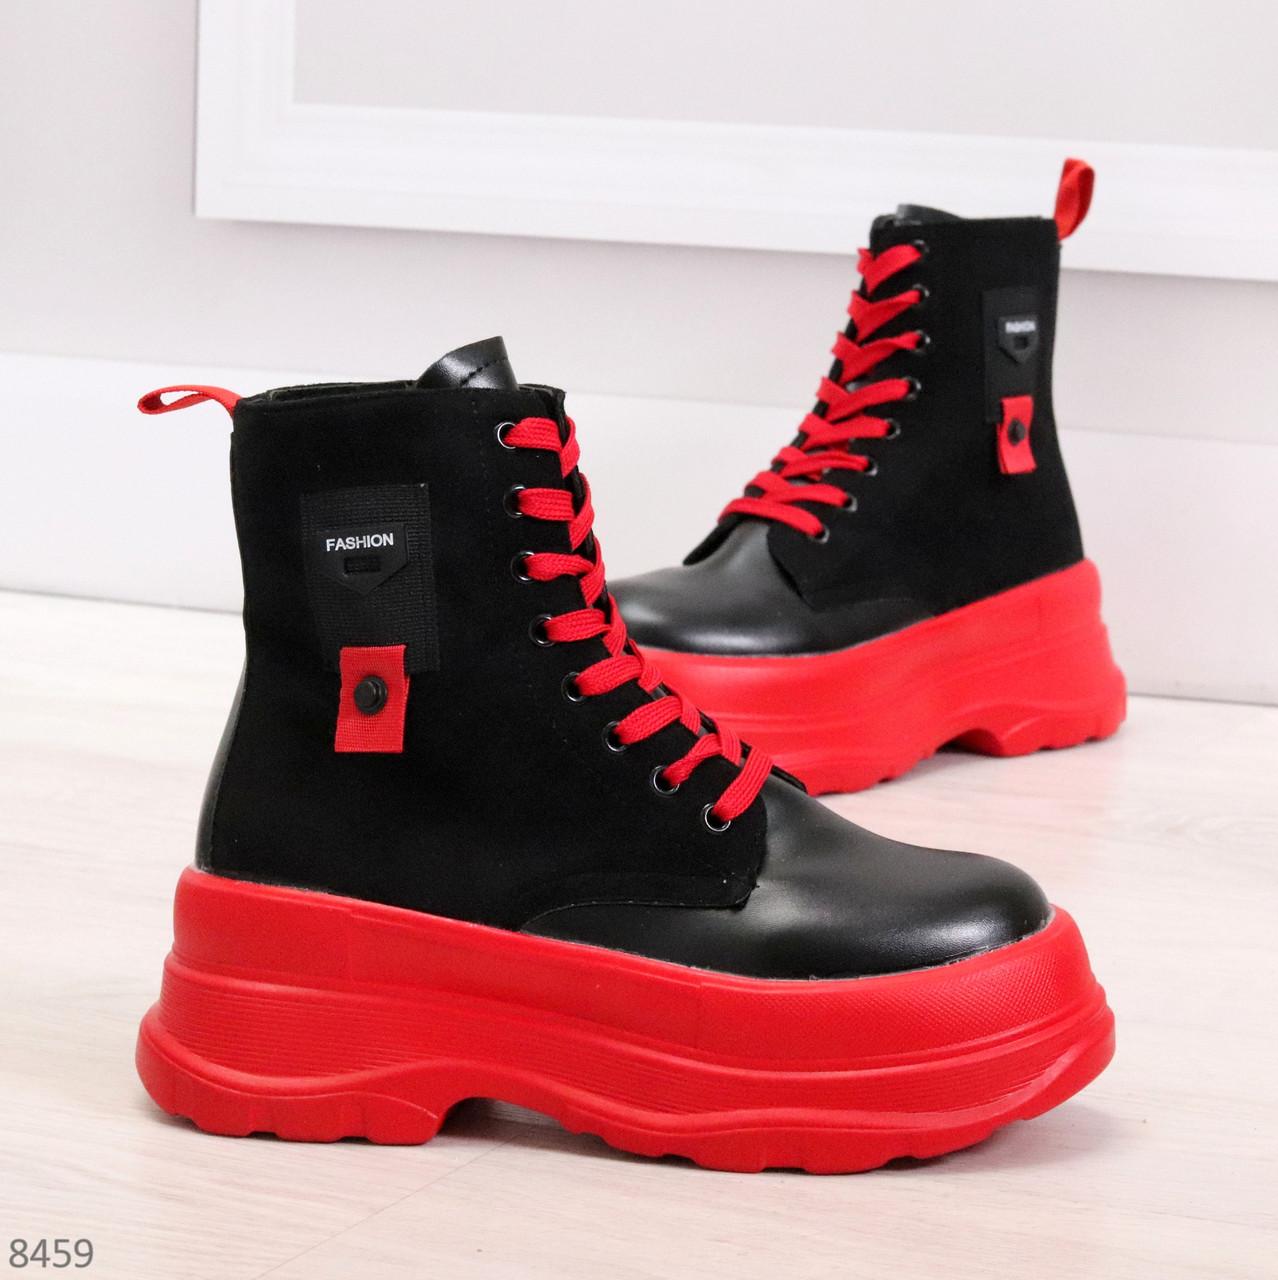 Яркие черные красные демисезонные женские ботинки декор цветная шнуровка